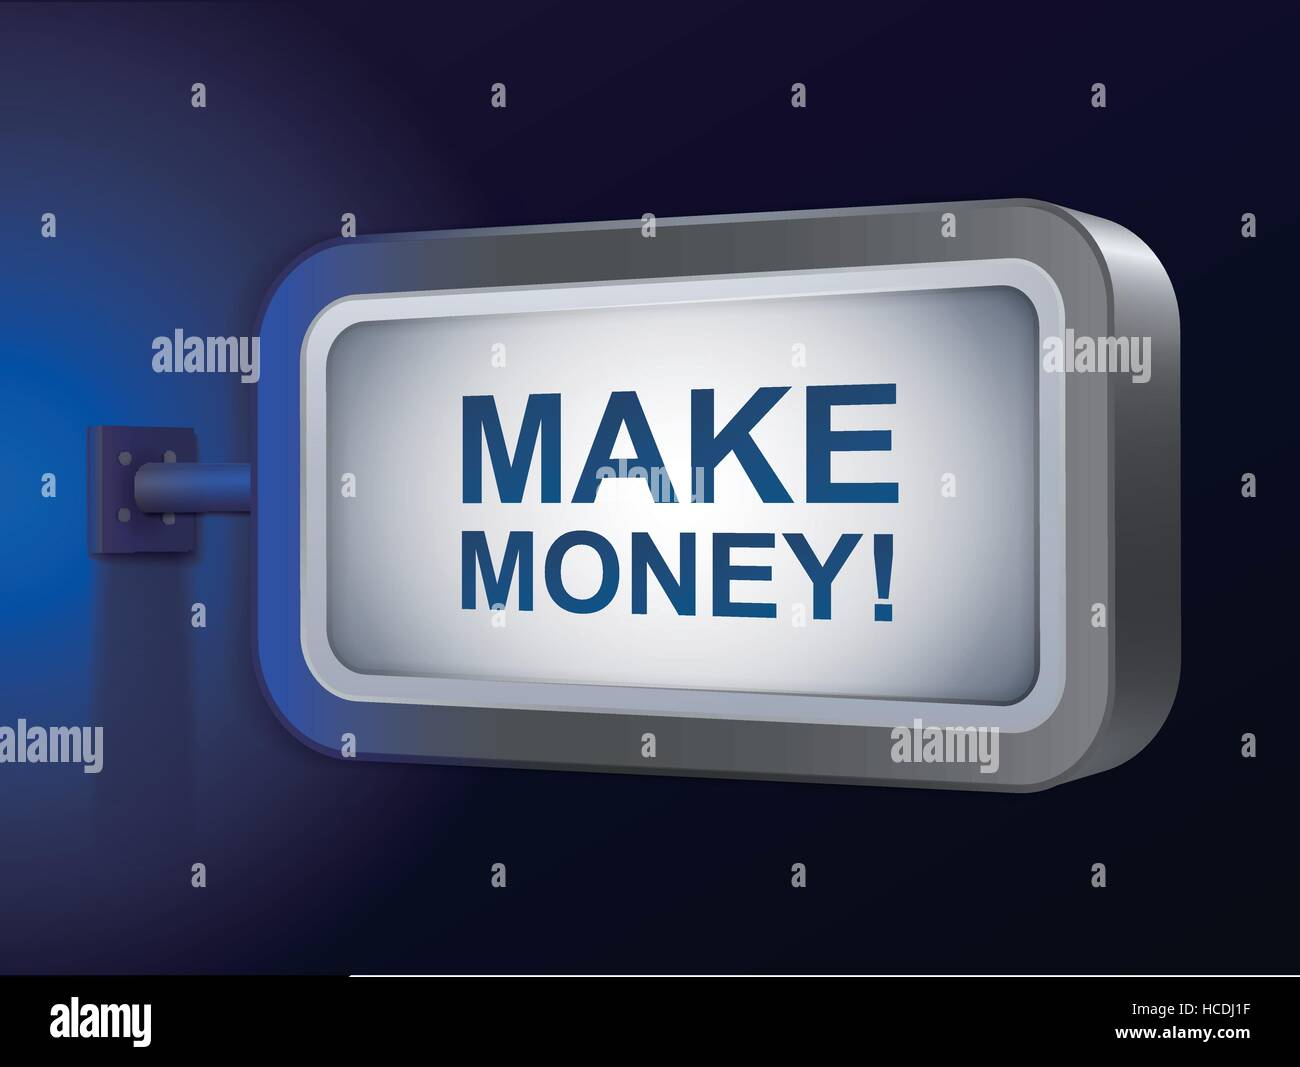 make money words on billboard over blue background - Stock Image